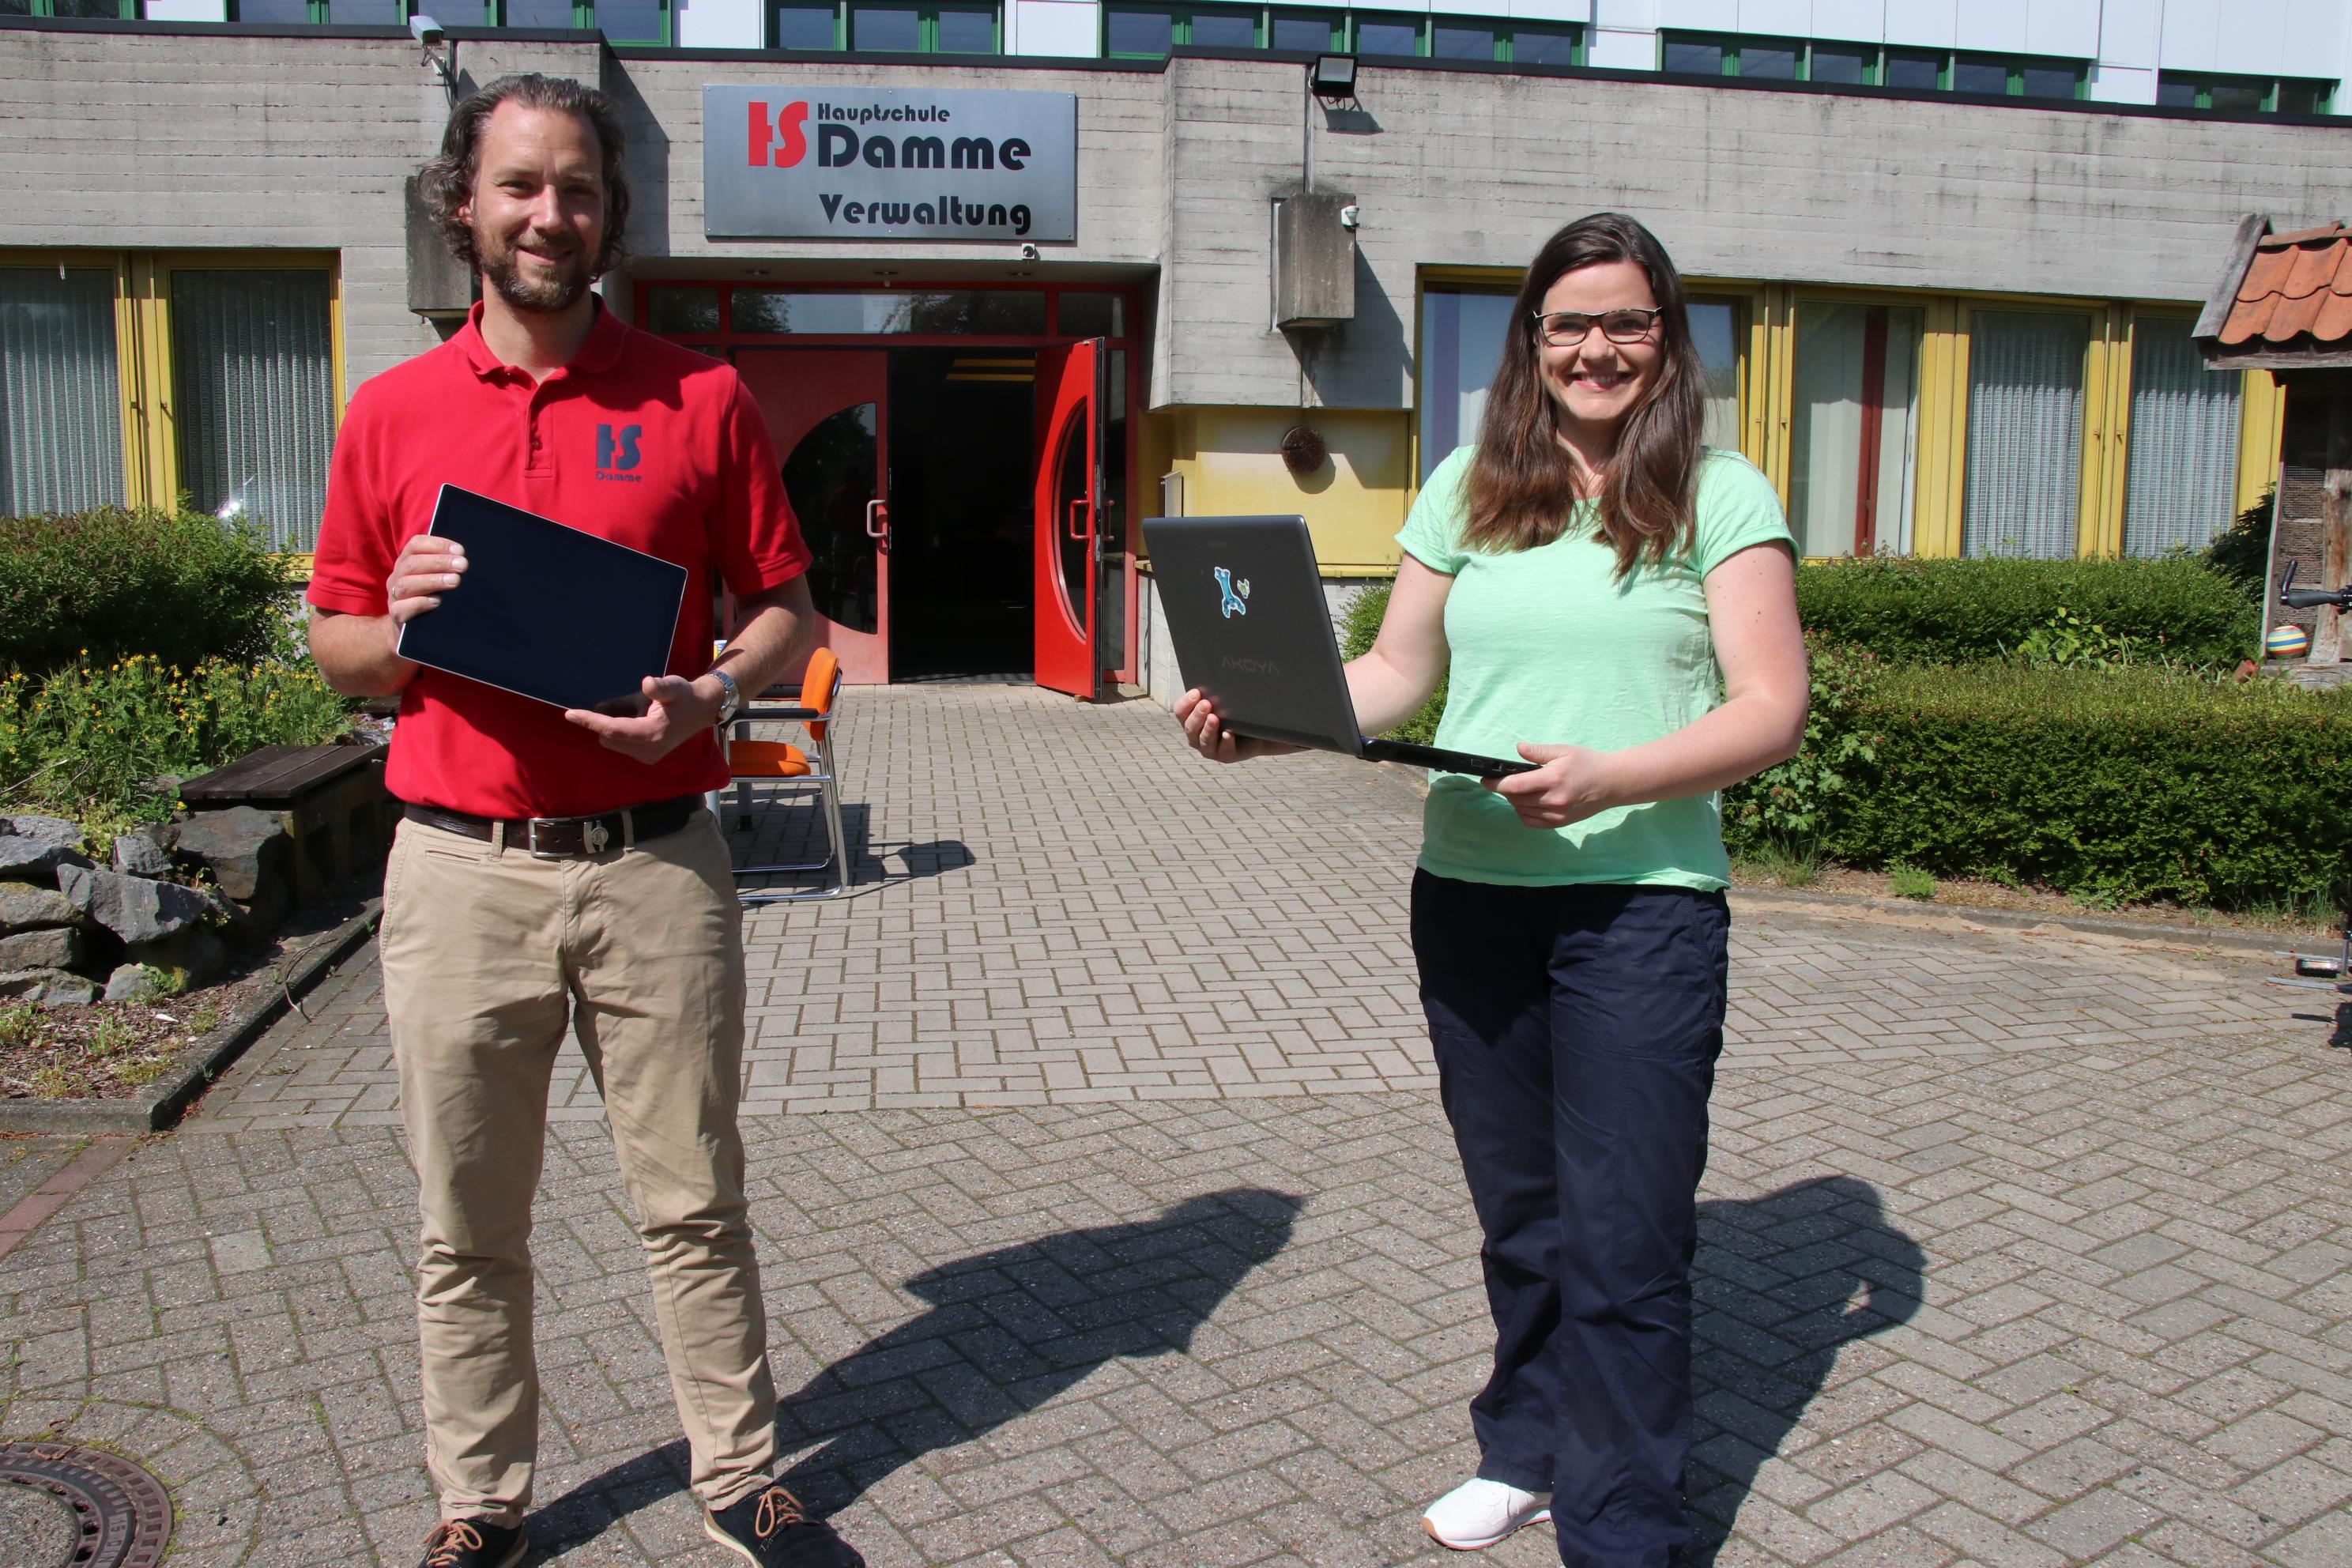 Sie hoffen auf Unterstützung: Jan Runge und Karina Hackstette setzen auf Firmen und Privatpersonen, die der Hauptschule Tablets und Laptops für die Jugendlichen zur Verfügung stellen. Foto: Lammert